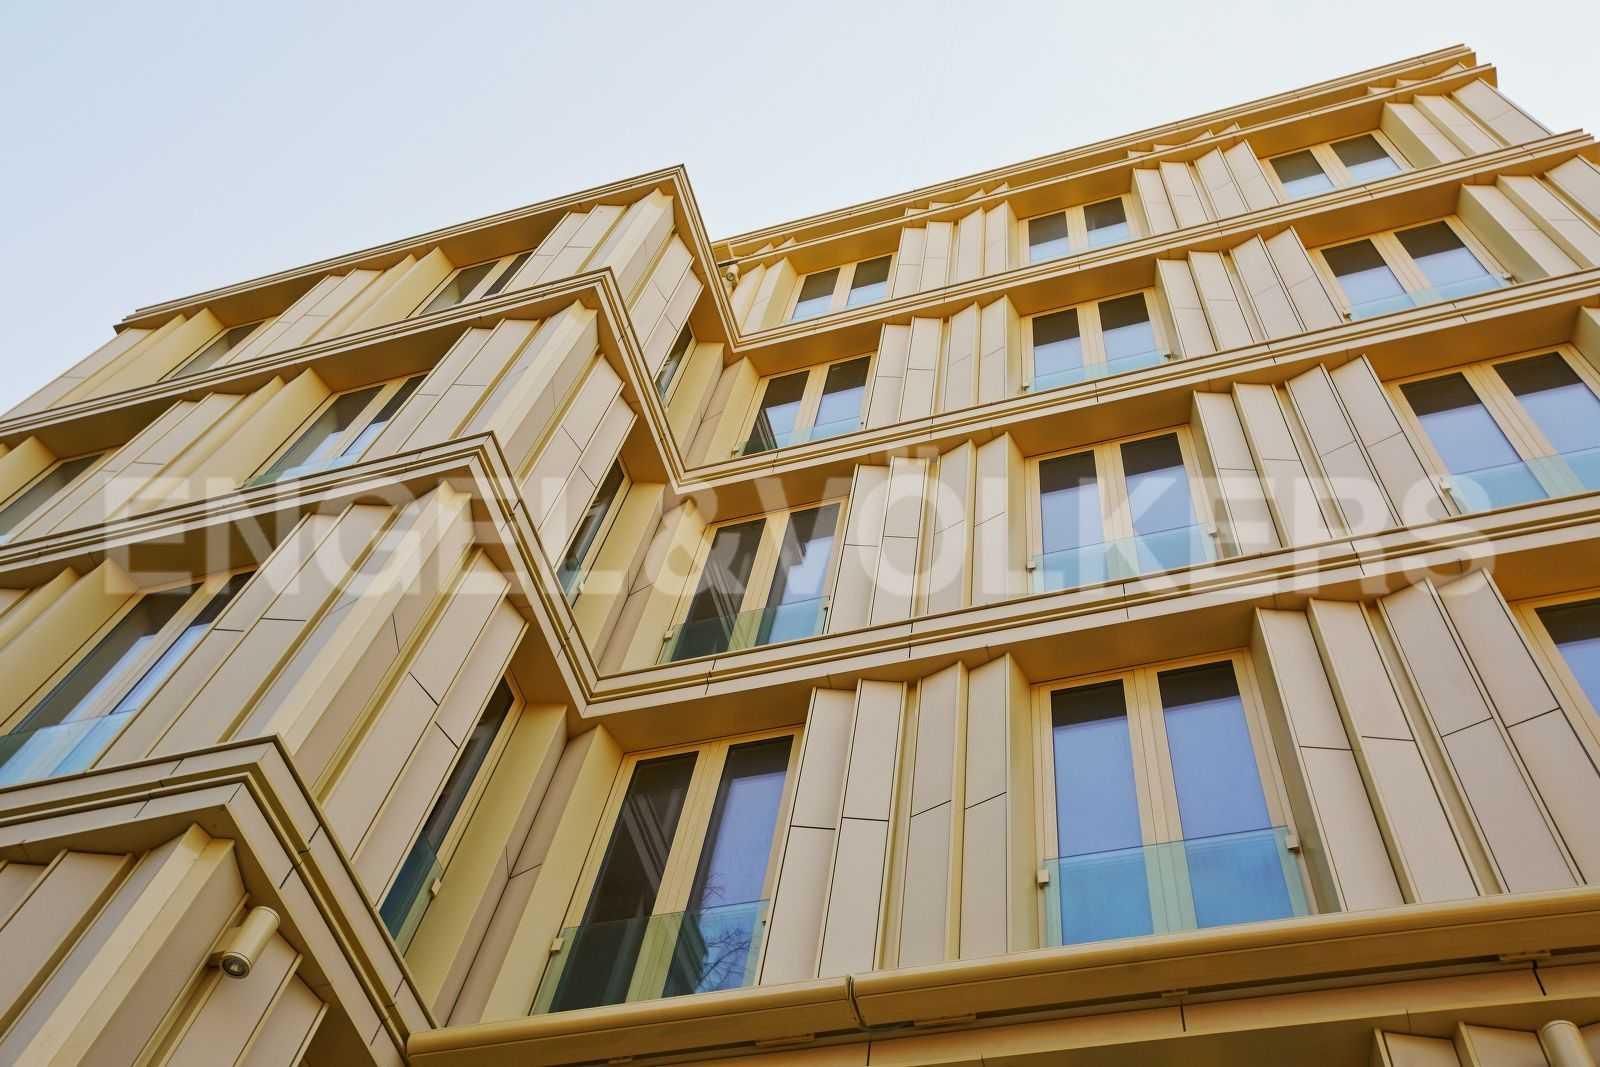 Элитные квартиры на . Санкт-Петербург, Крестовский пр., 12. Фасад здания